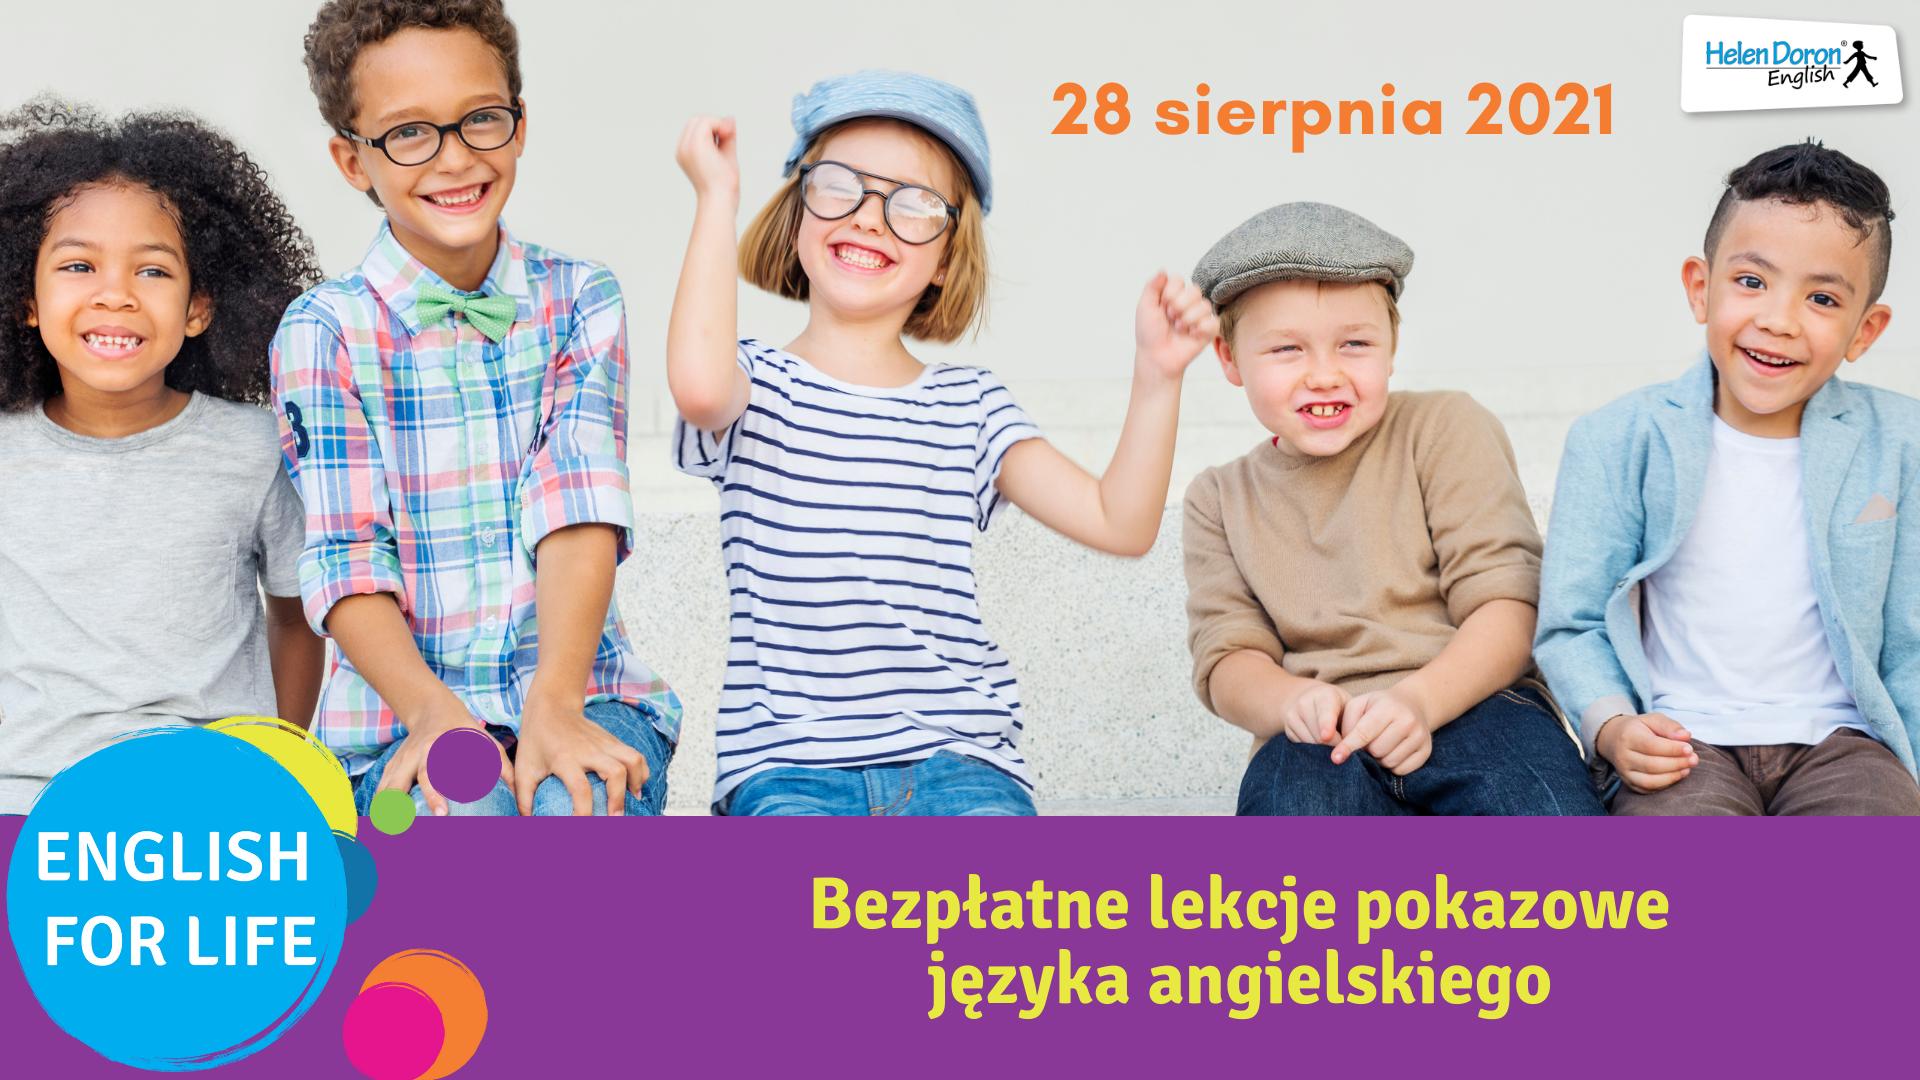 Bezpłatne lekcje pokazowe – 28 sierpnia 2021